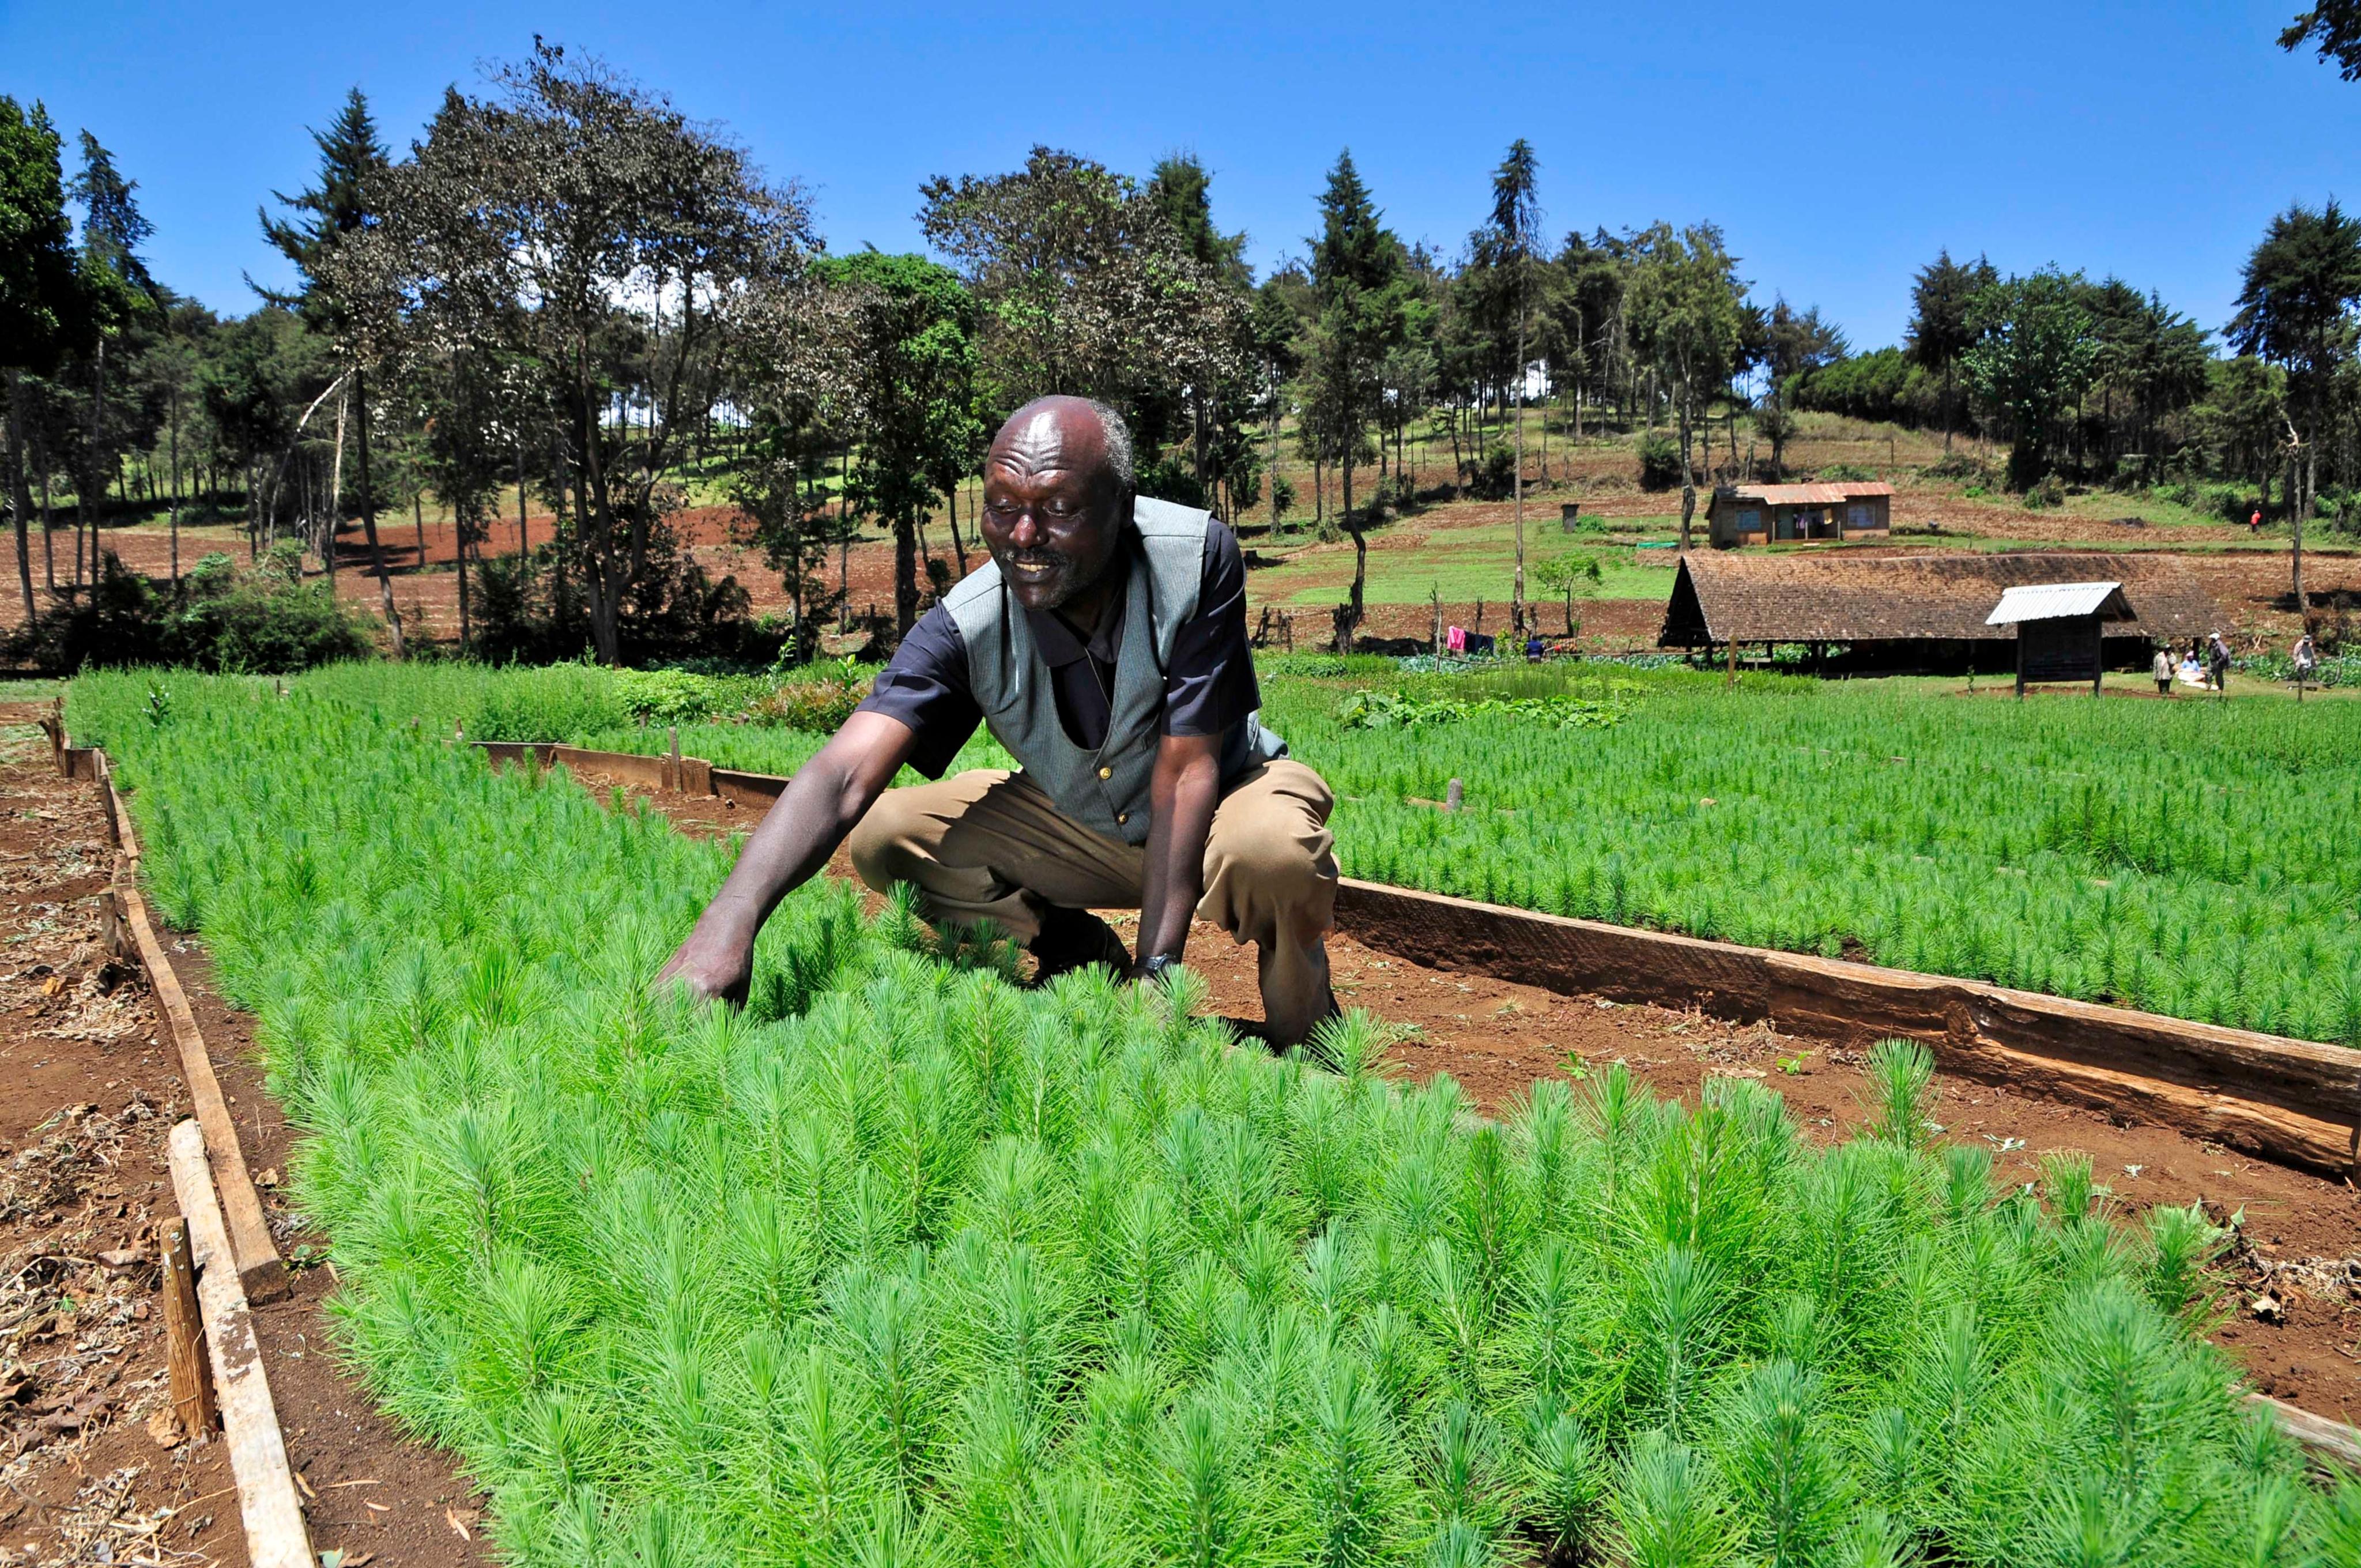 Le projet Two Degrees Up examine l'impact du changement climatique sur l'agriculture dans la région du mont Kenya (crédits: CIAT / Flickr Creative Commons Attribution-ShareAlike 2.0 Generic (CC BY-SA 2.0))